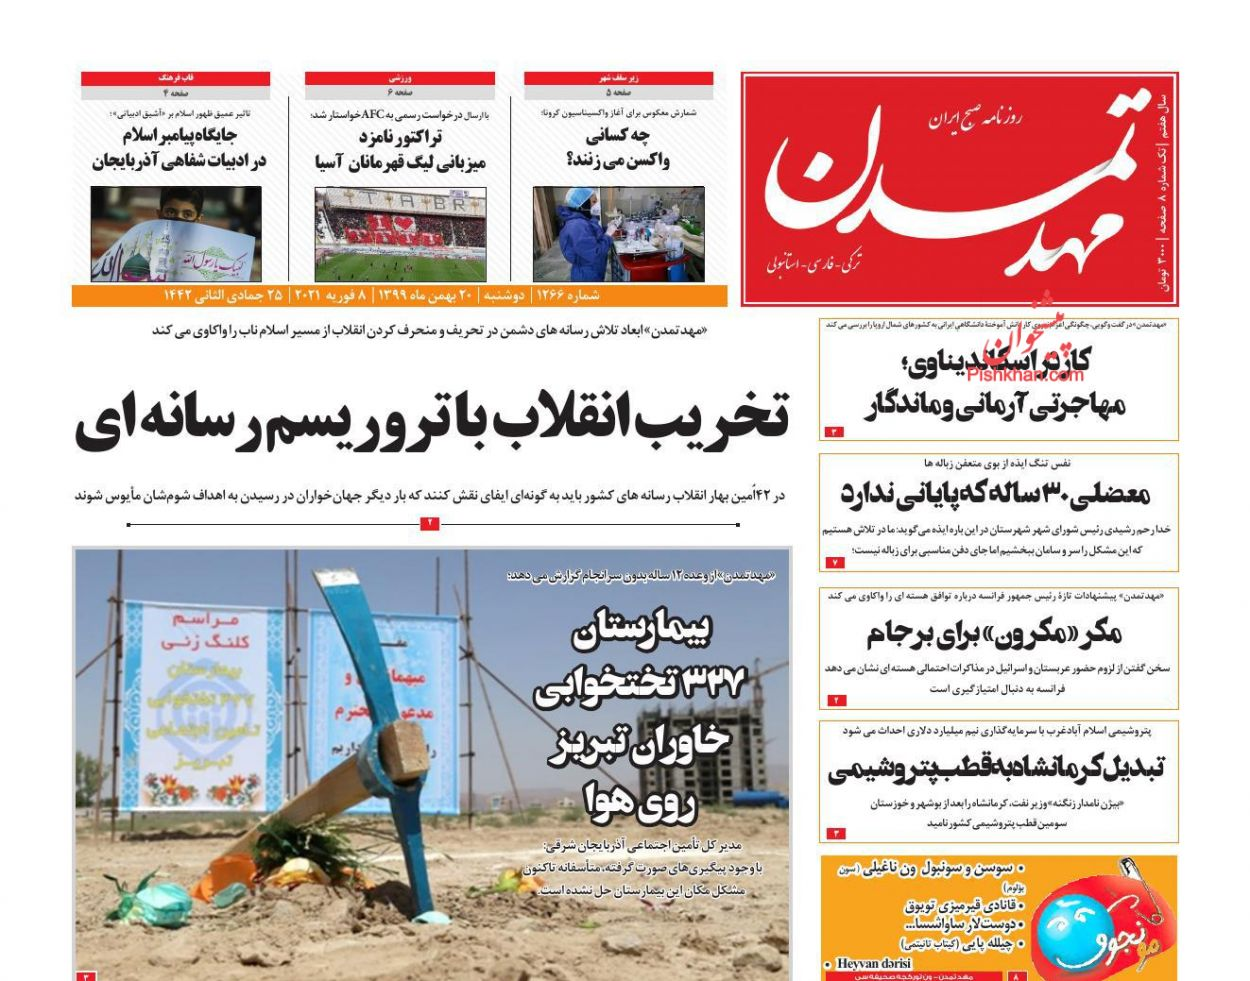 عناوین اخبار روزنامه مهد تمدن در روز دوشنبه ۲۰ بهمن